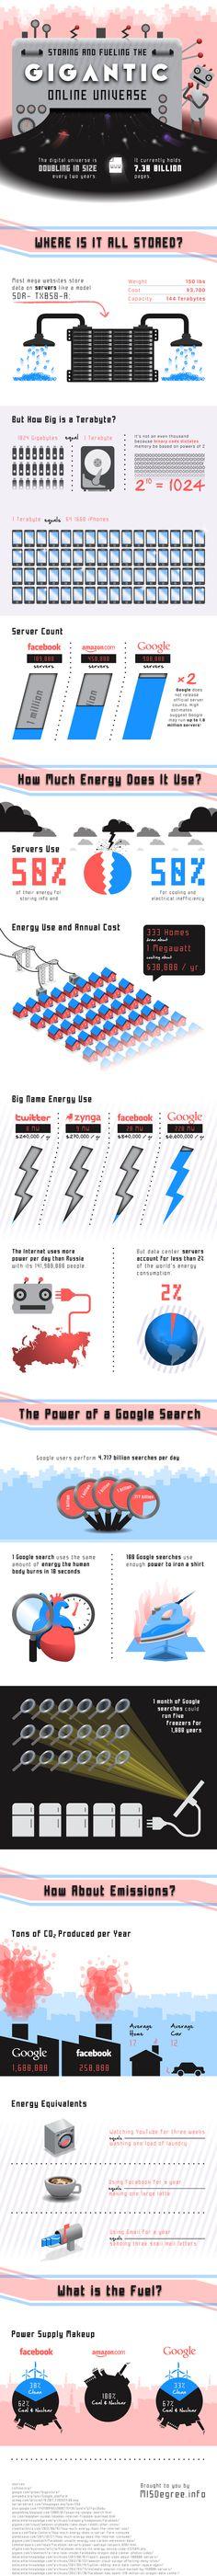 #Infographie Internet consomme chaque jour plus d'énergie que l'ensemble de la Russie